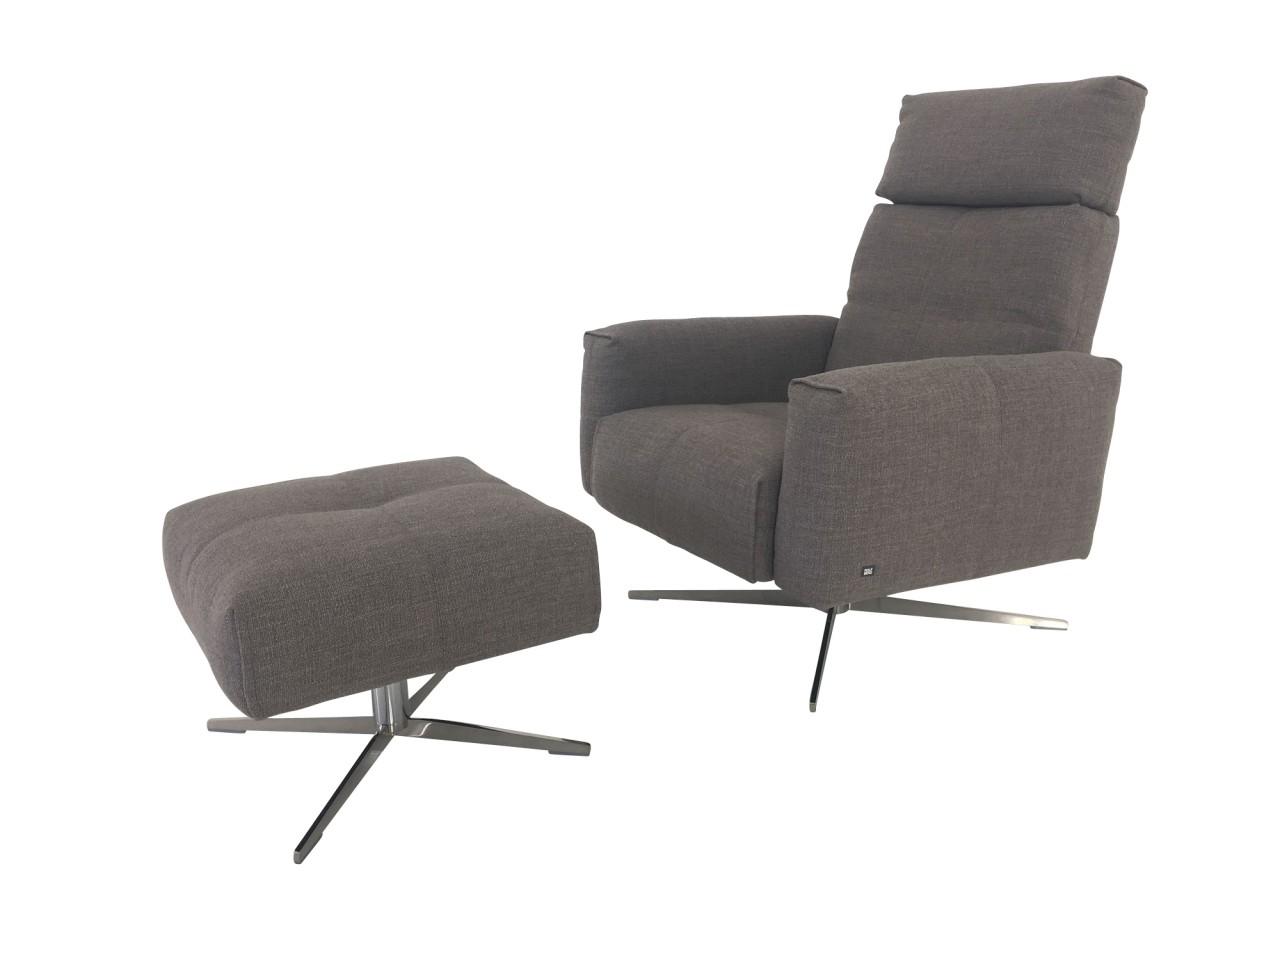 Rolf Benz RB 50 Sessel mit Wippfunktion und Hocker im Stoff quarzgrau